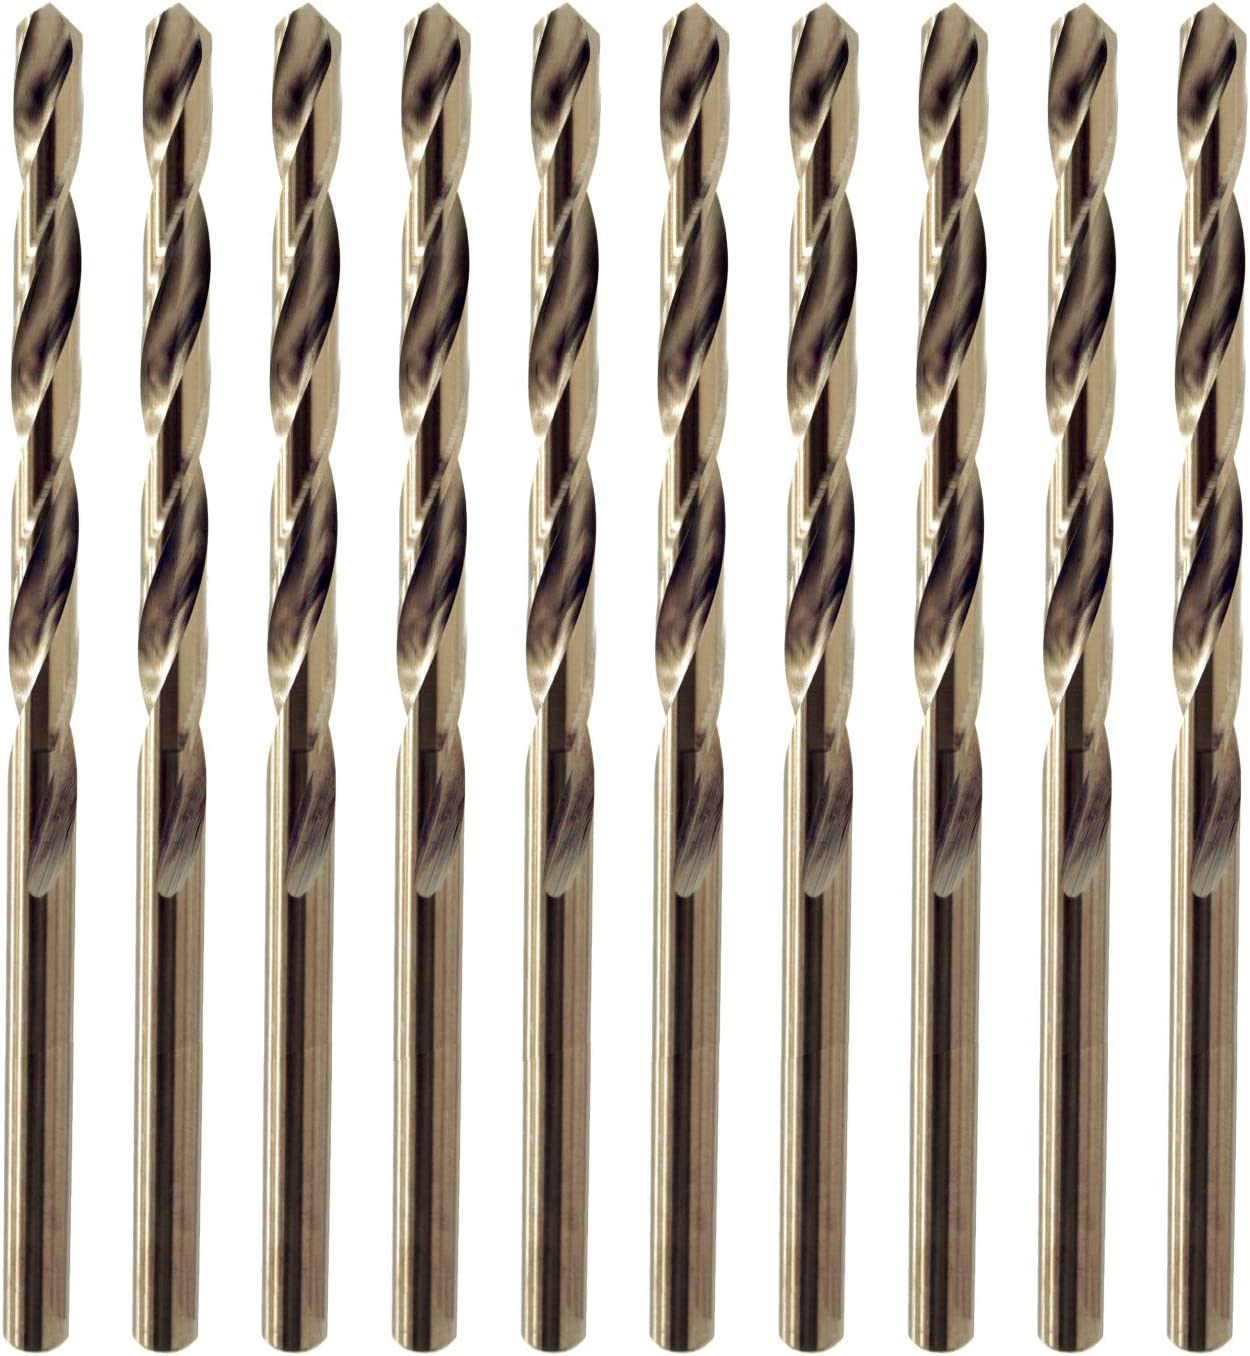 Pièce 10 3,0 mm métrique HSS Jobber Drill Bit-pour Métal Acier Bois-Aluminium